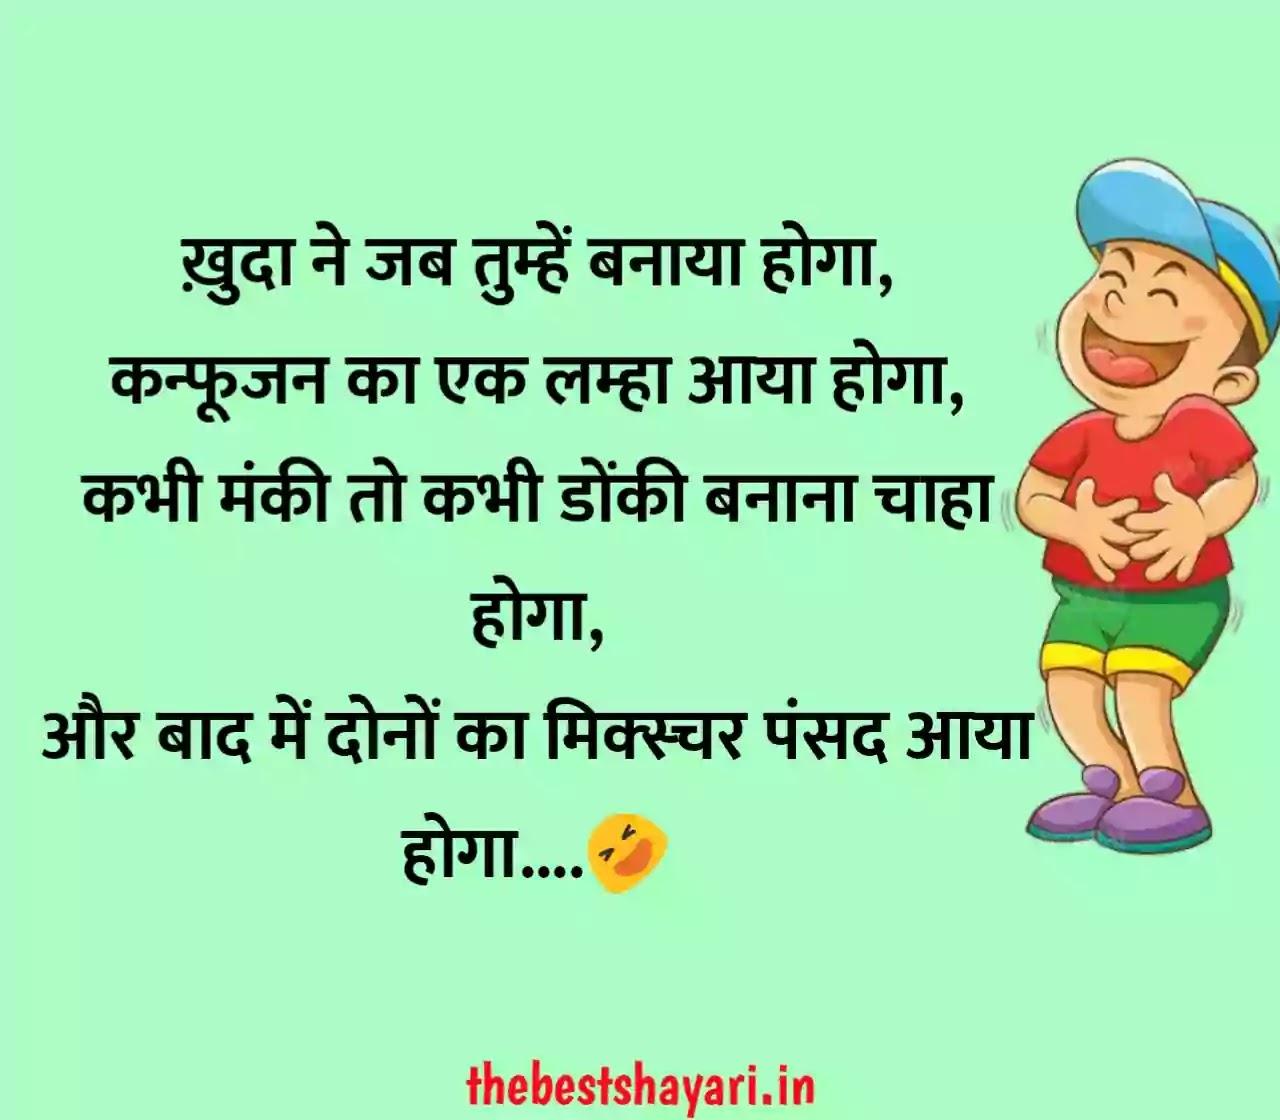 funny shayari Hindi images